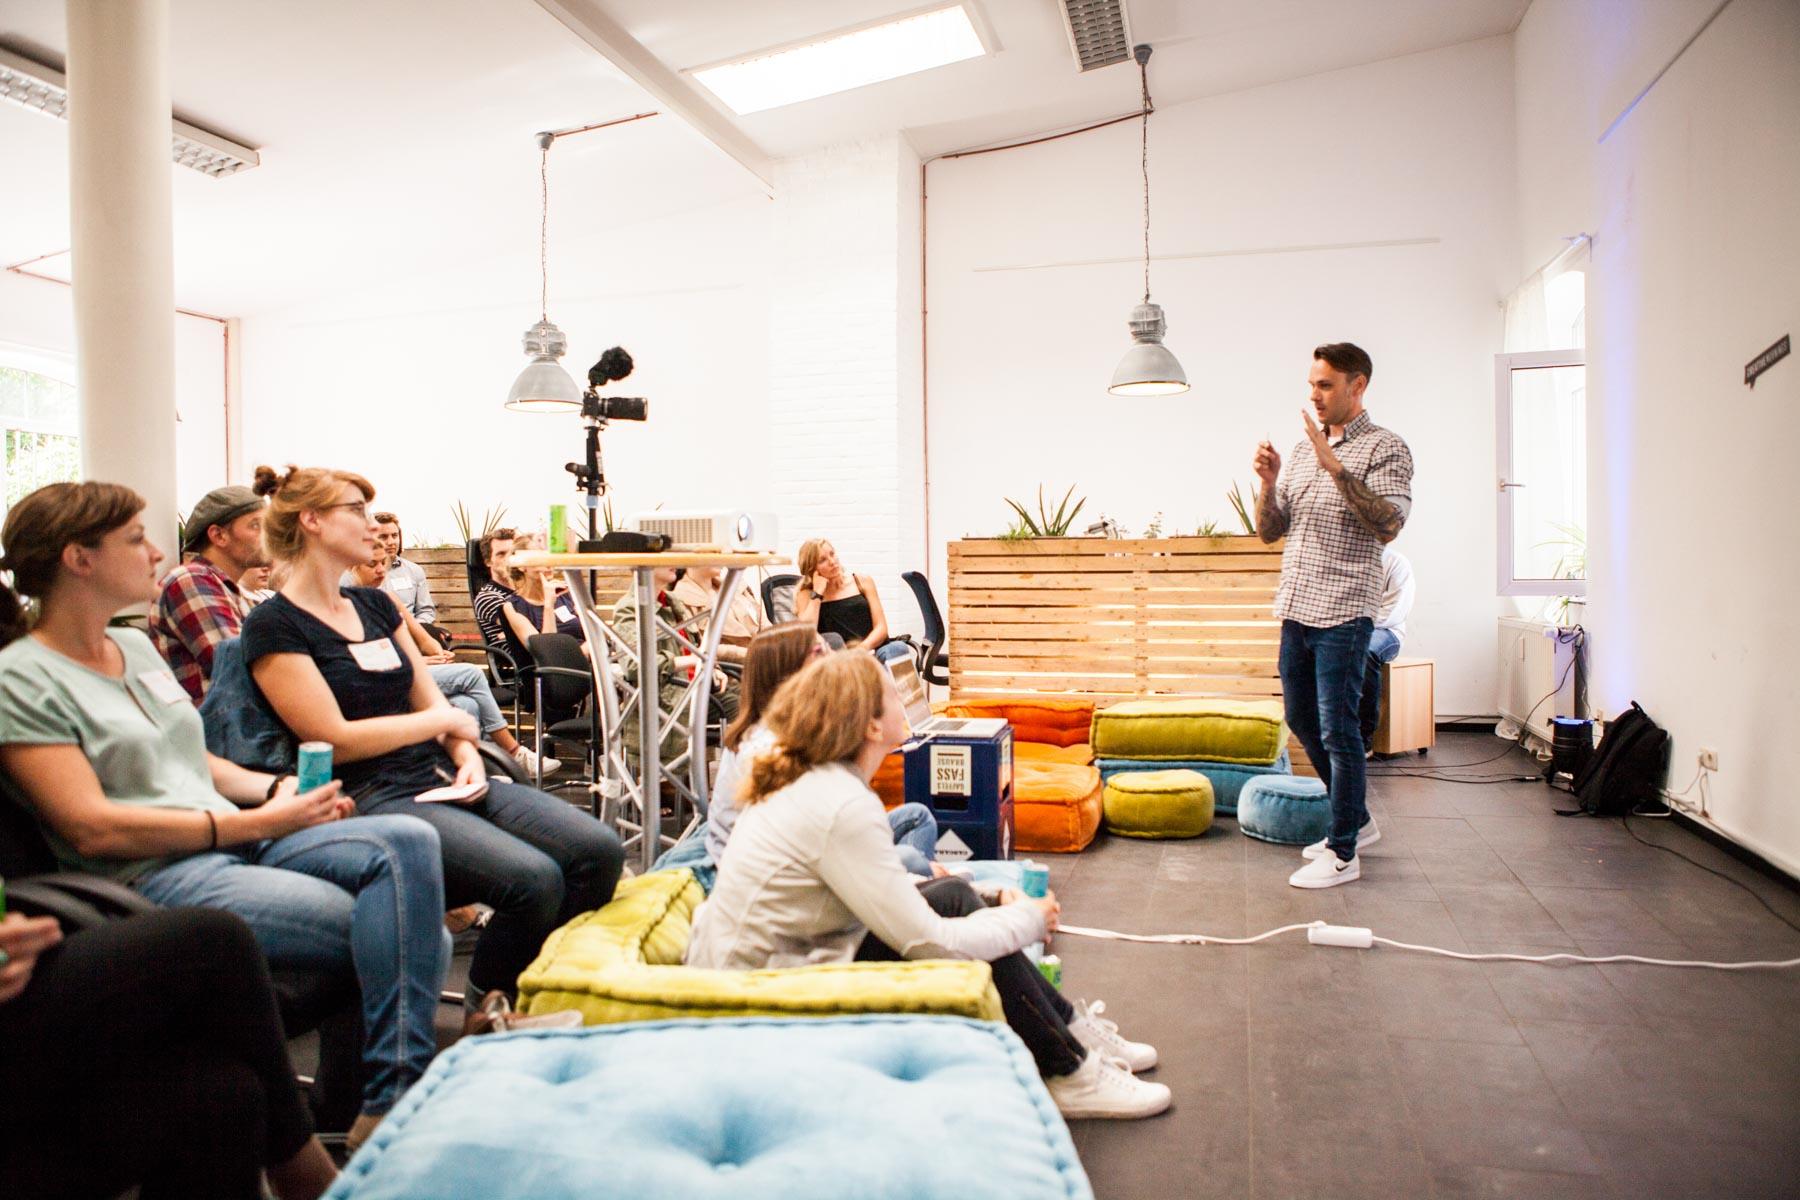 creative mornings köln vortrag frühstück enno digital zuschauer sitzend ulli Killberth vortragender geste sprechen ohne schule jörn strojny